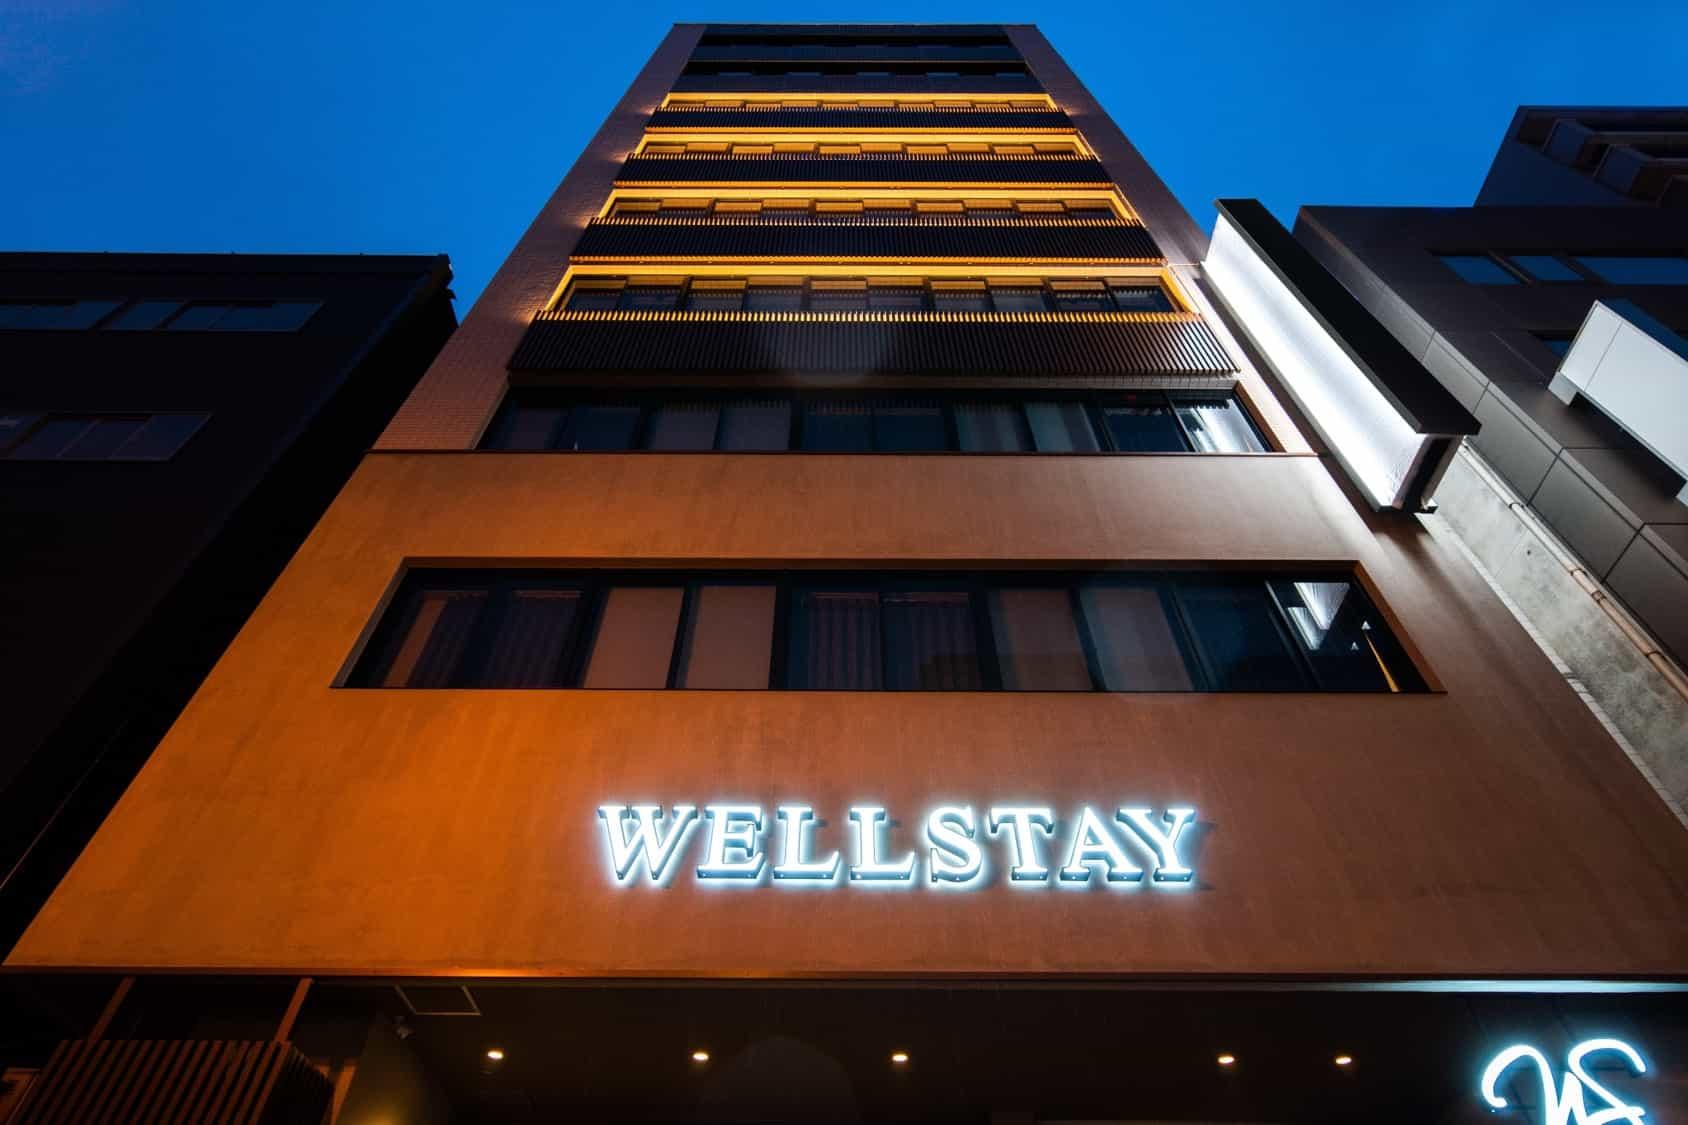 wellstay_1